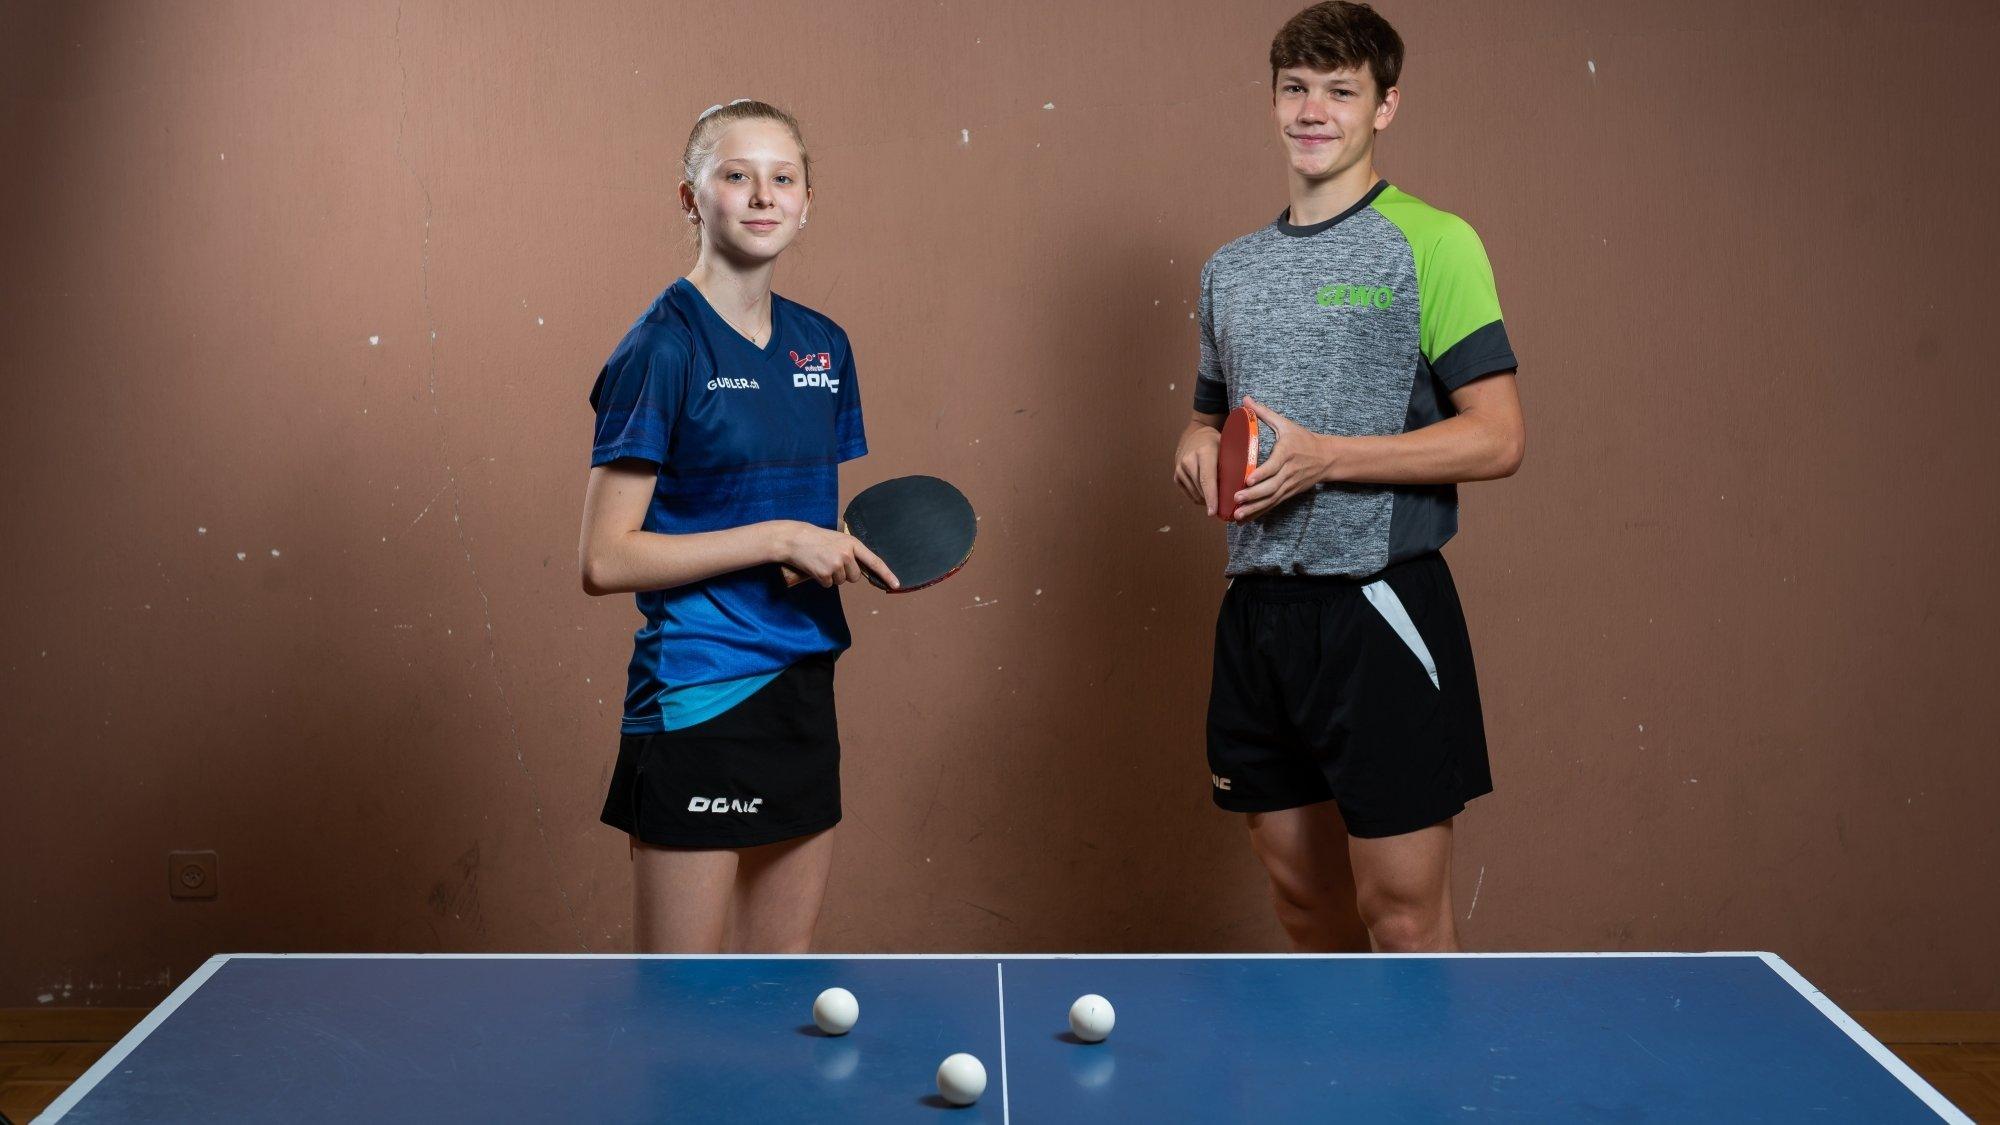 Nina Tullii et Barish Moullet disputeront également le tournoi en individuel.